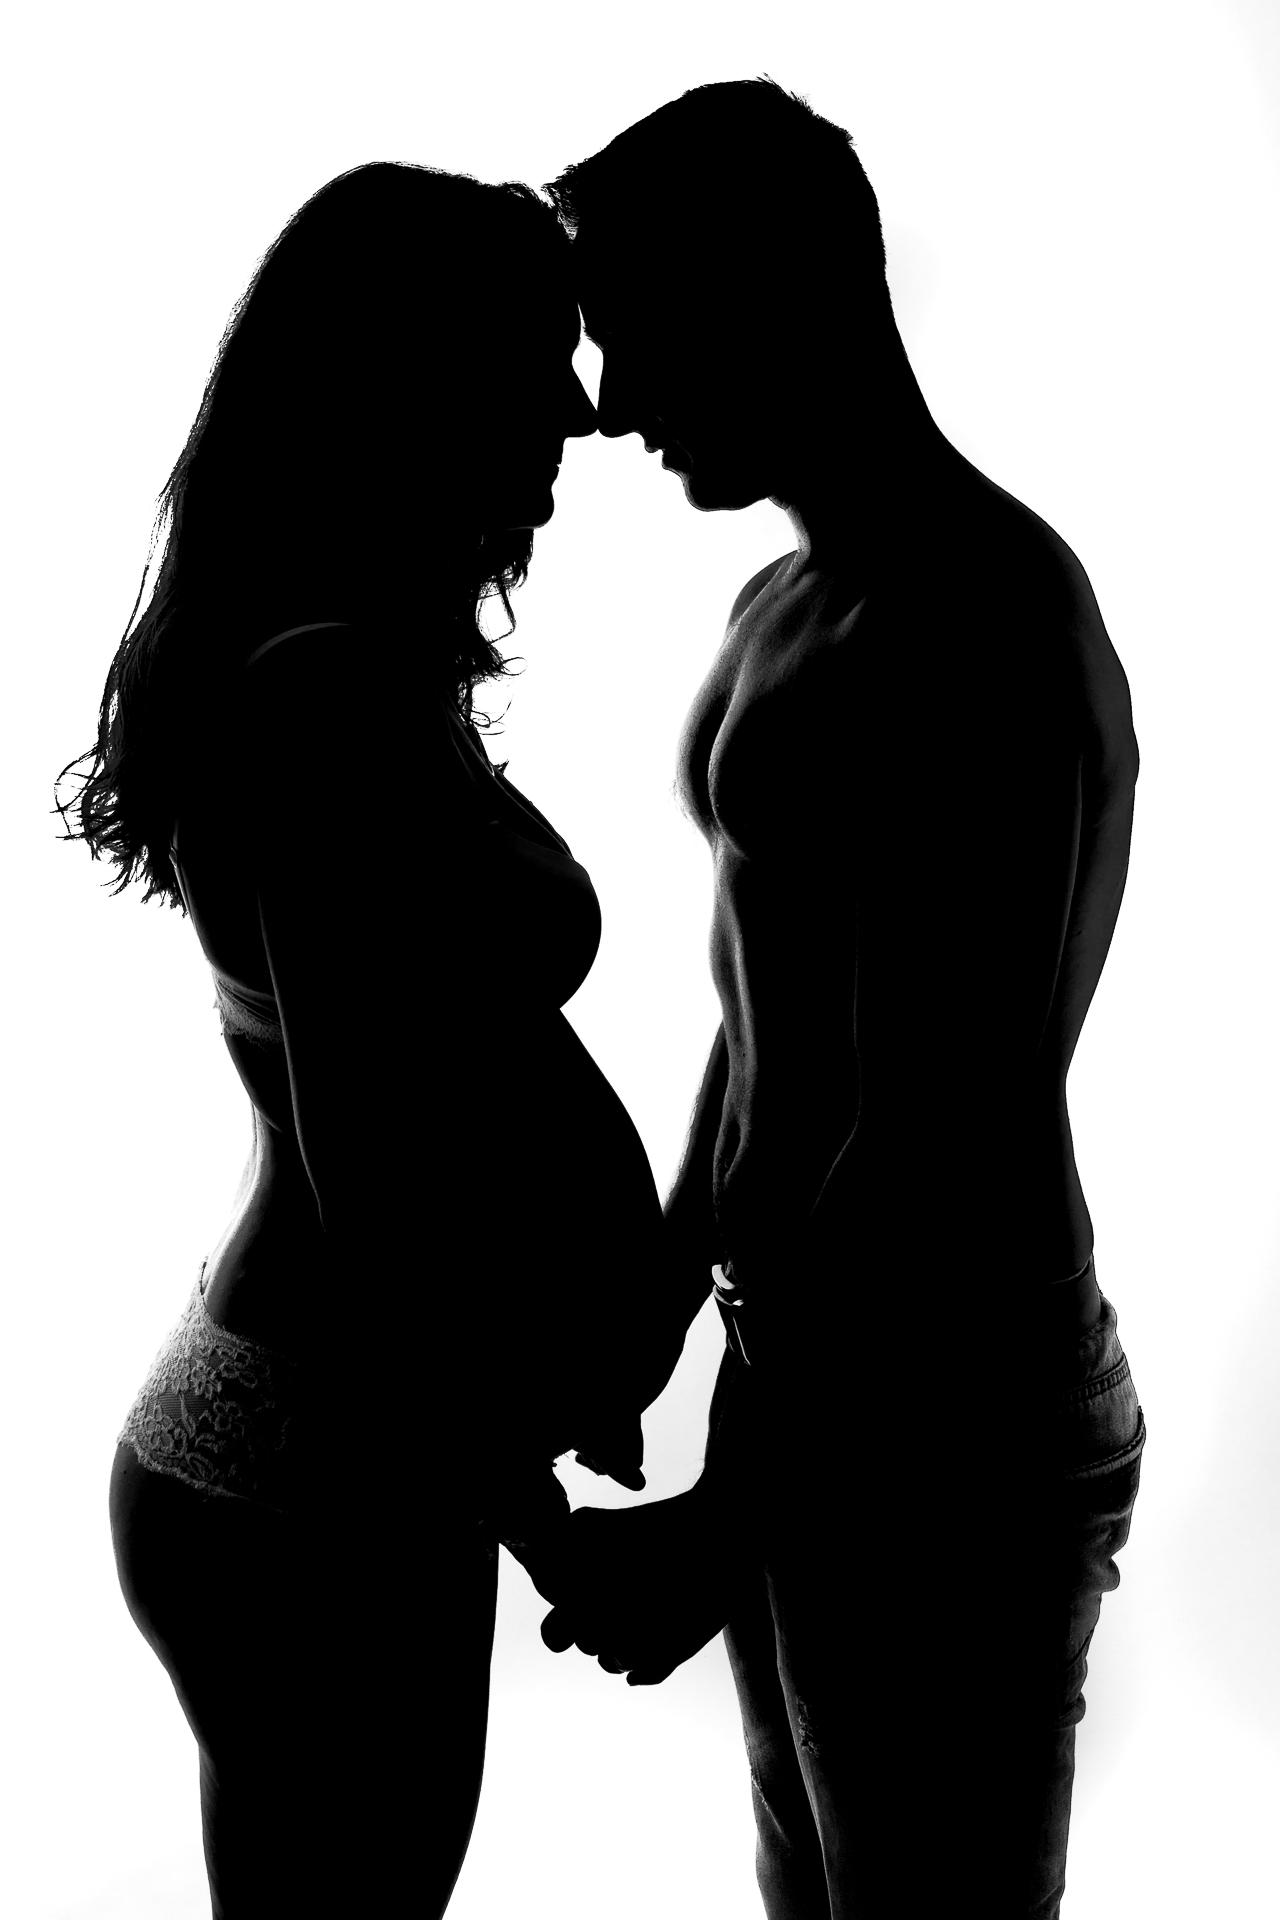 Ateliérová těhotenská fotografie, těhotenská silueta, černobílá těhotenská fotografie, profesionální ateliérové těhotenské fotografie Lysá nad Labem